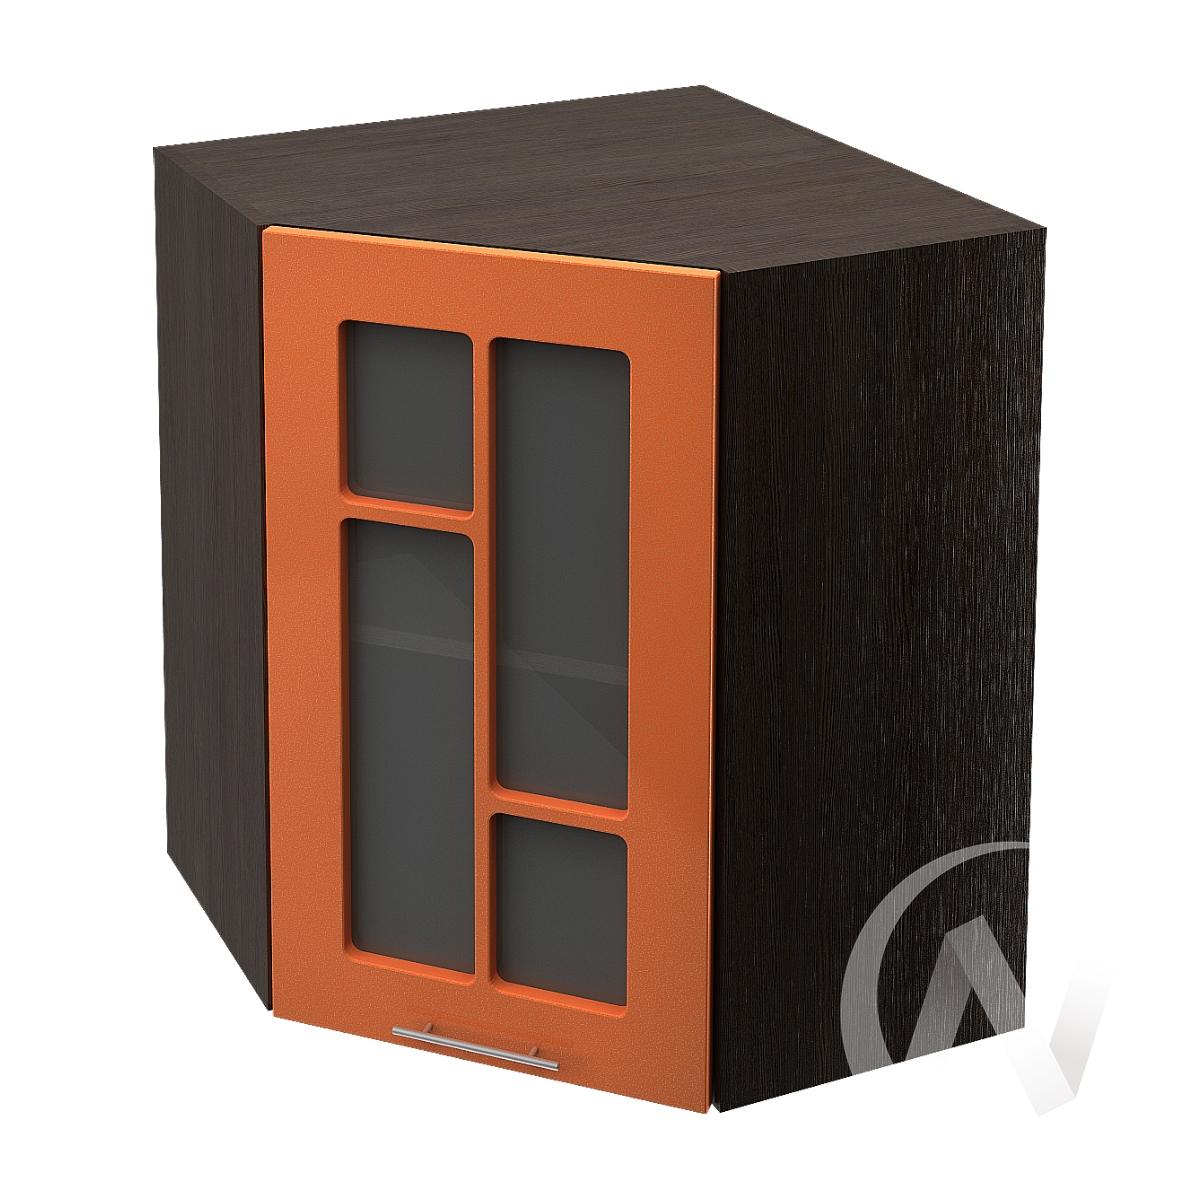 """Купить кухня """"техно"""": шкаф верхний угловой со стеклом 590, швус 590 (корпус венге) в Новосибирске в интернет-магазине Мебель плюс Техника"""